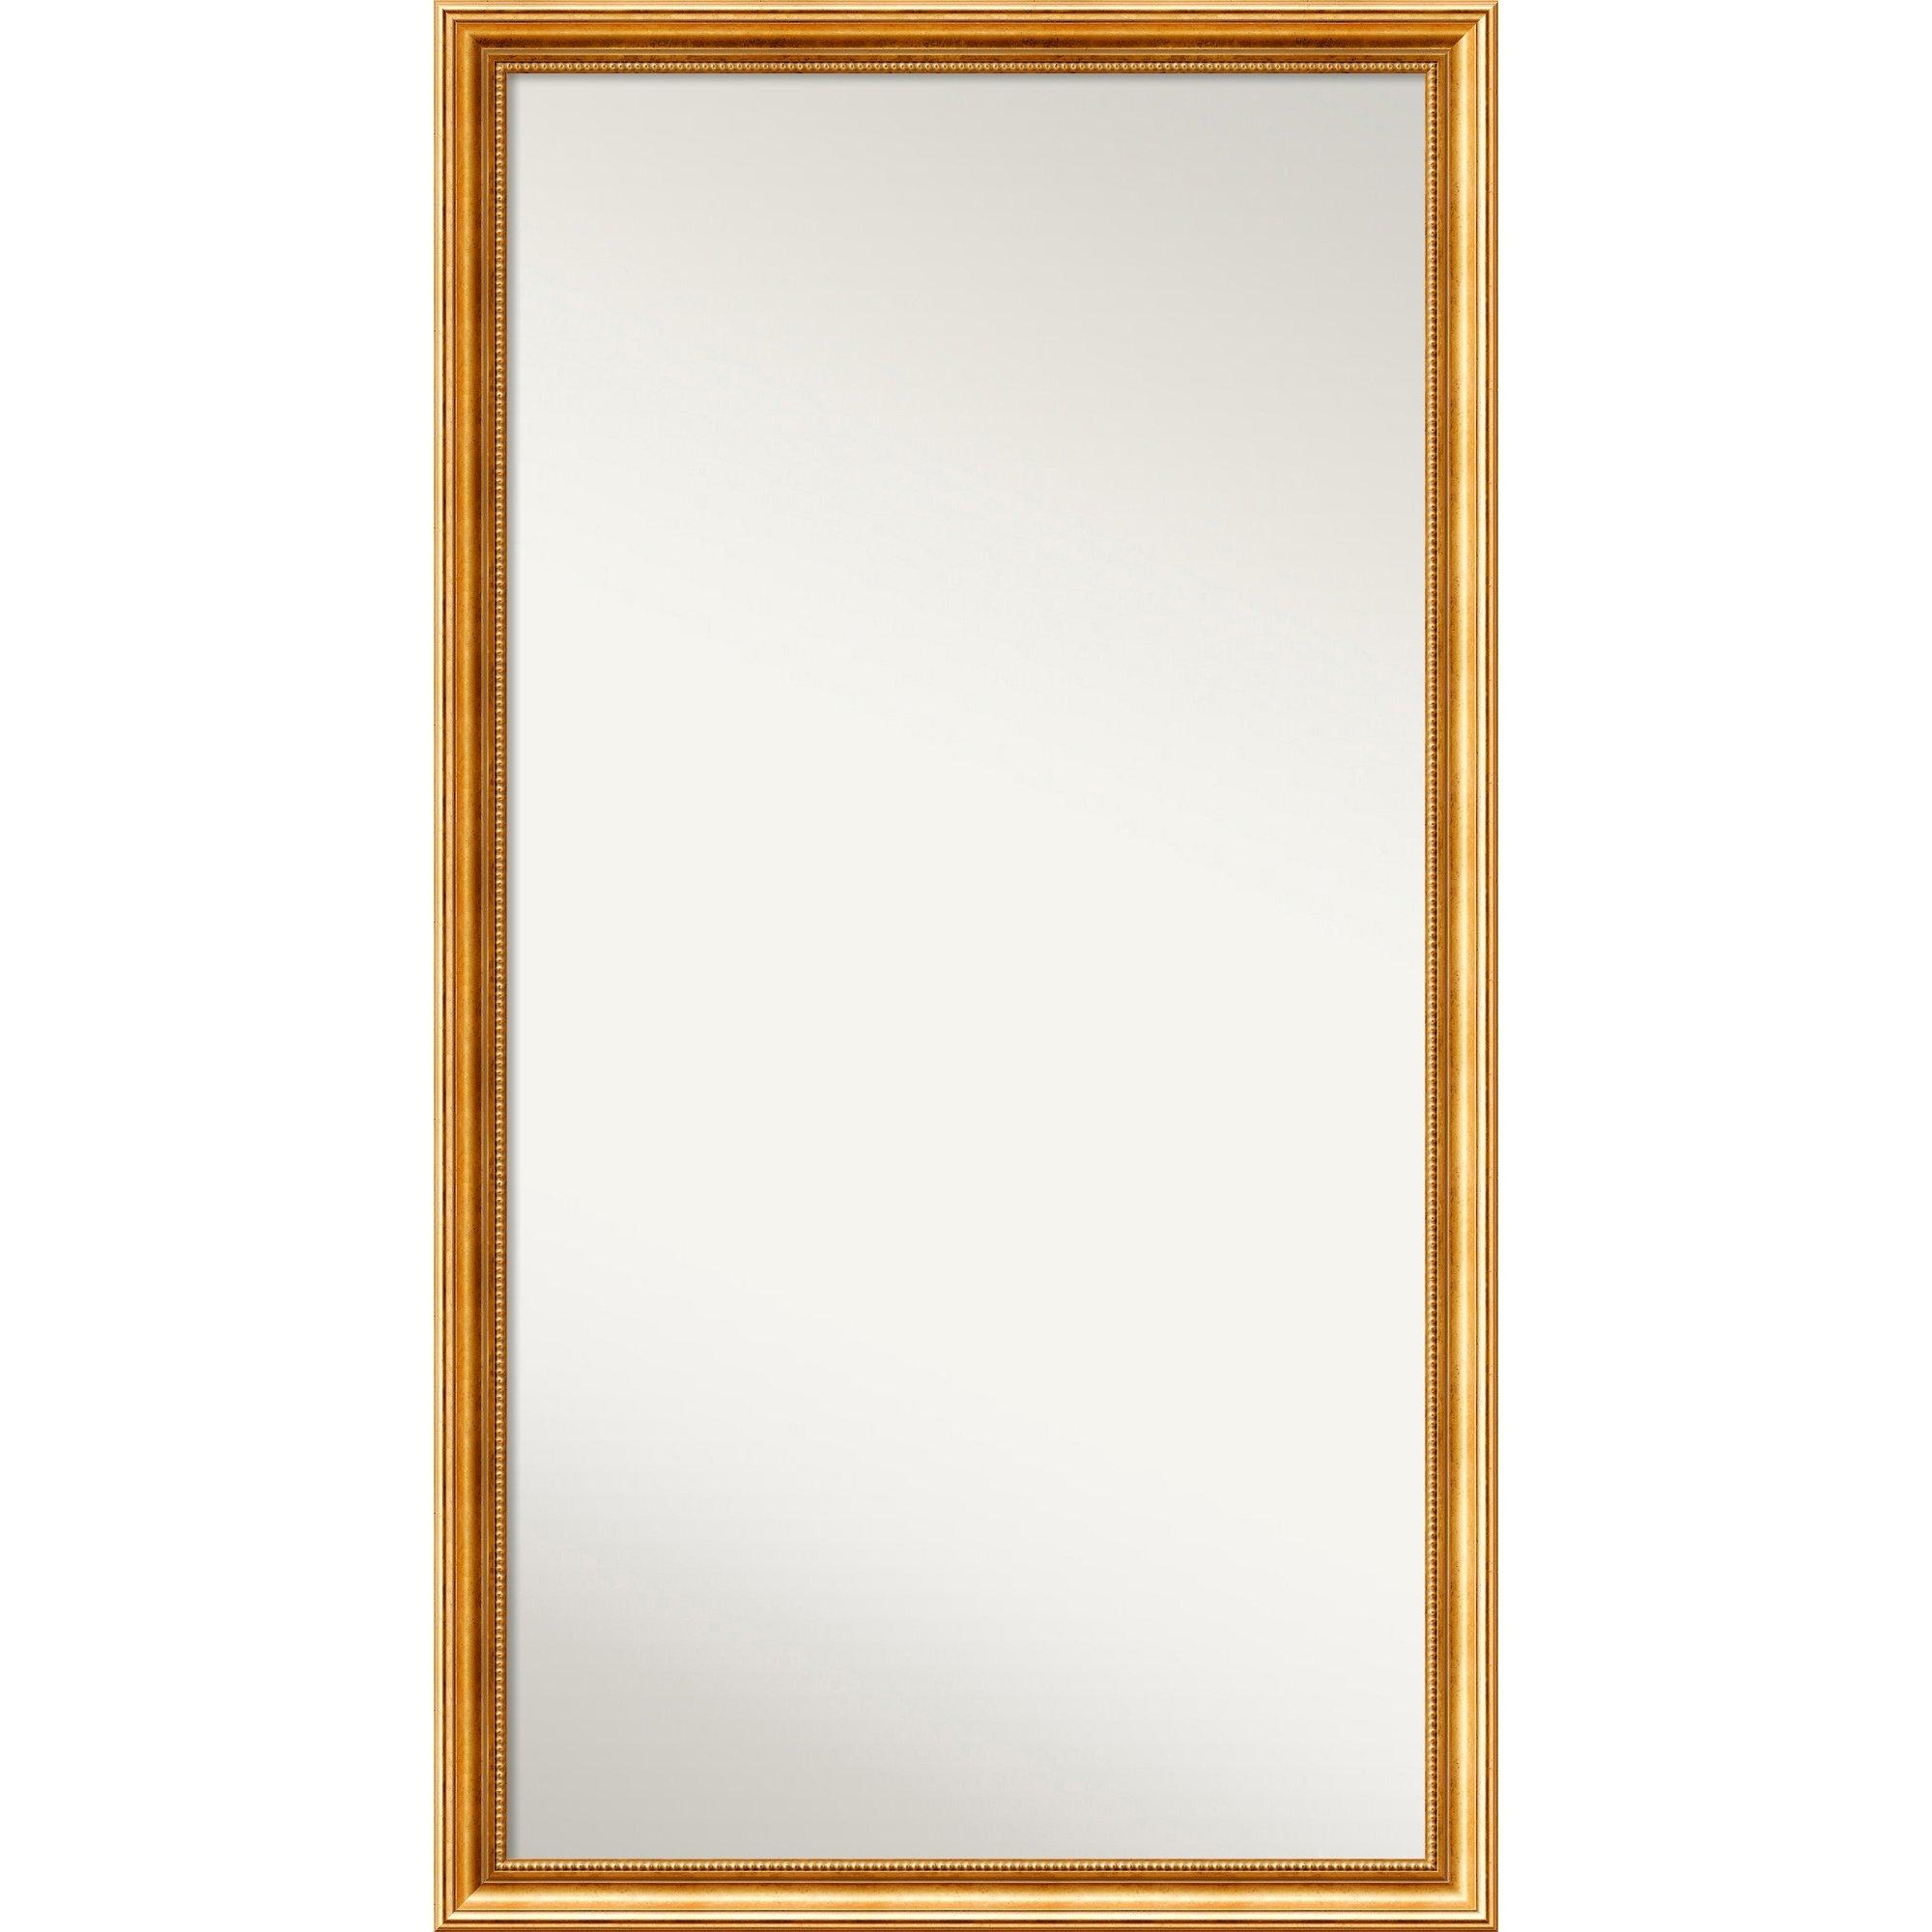 Astoria Grand Gold Framed Full Length Mirror Wayfair Inside Full Length Gold Mirror (Image 2 of 15)